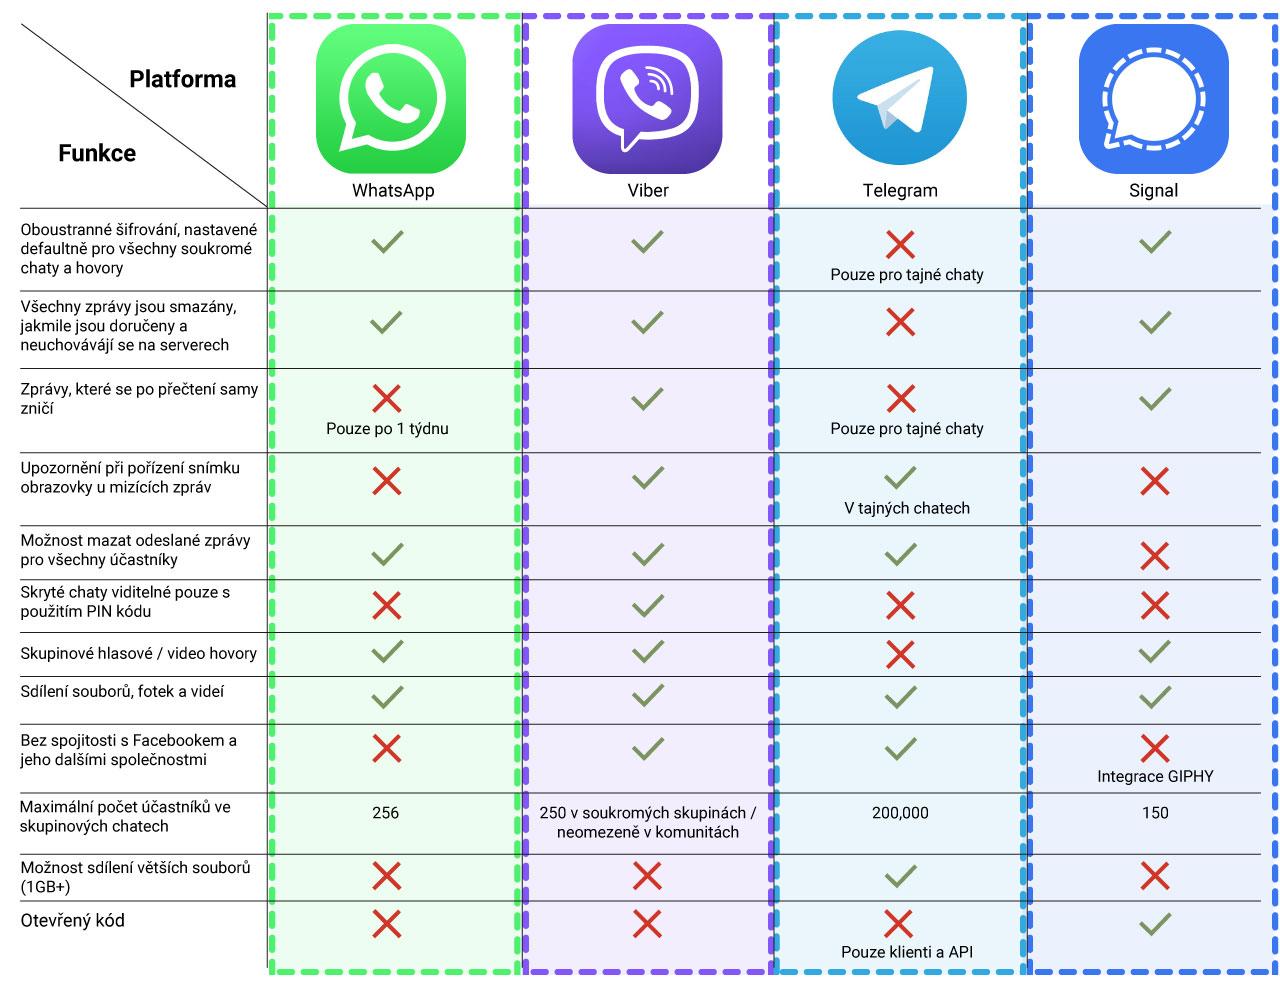 Comparison-chart_CZ